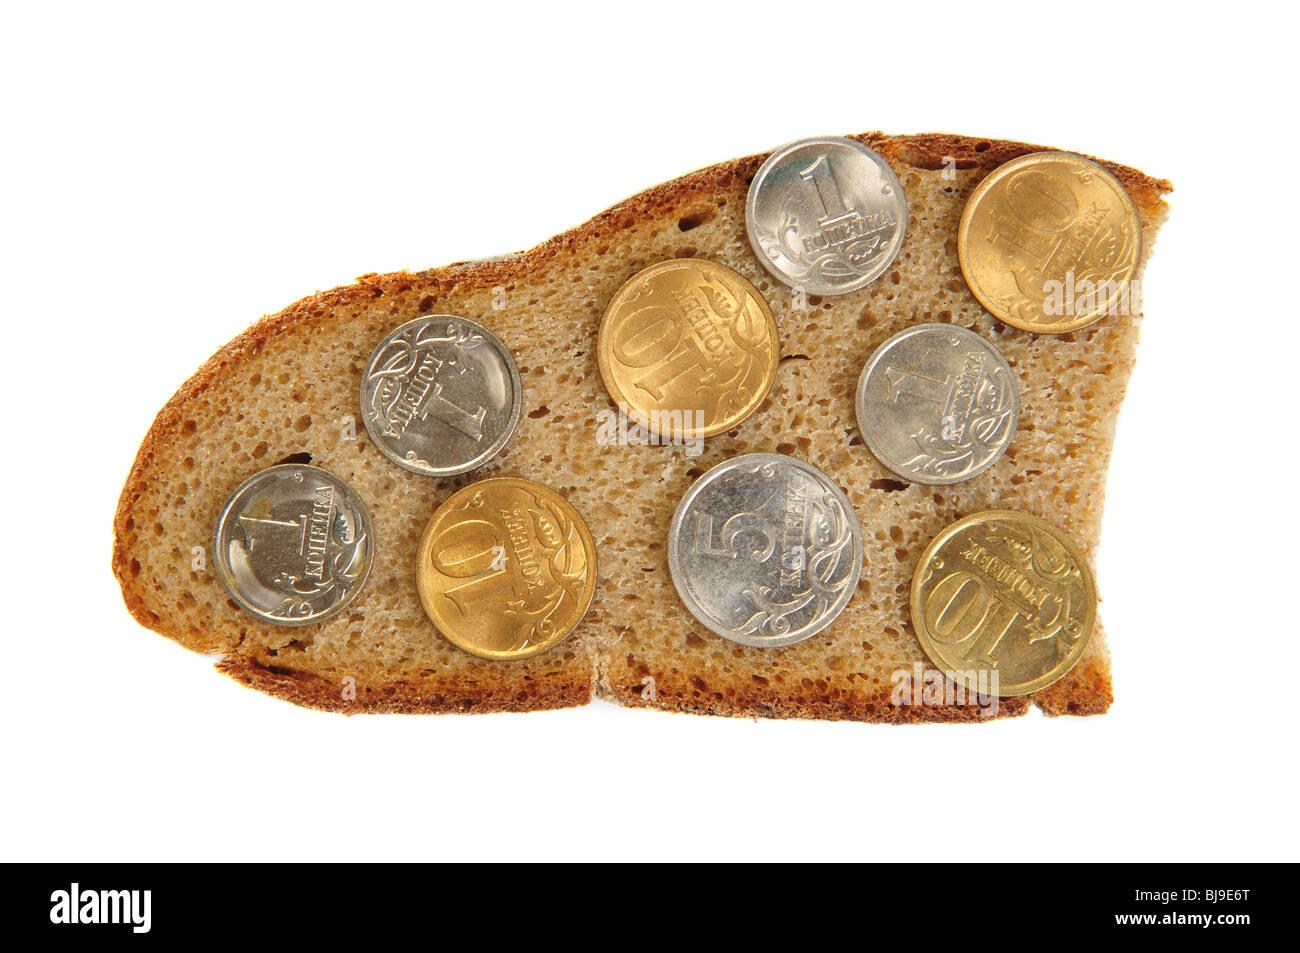 Monedas sobre pan de centeno slice. Aislado sobre blanco Imagen De Stock